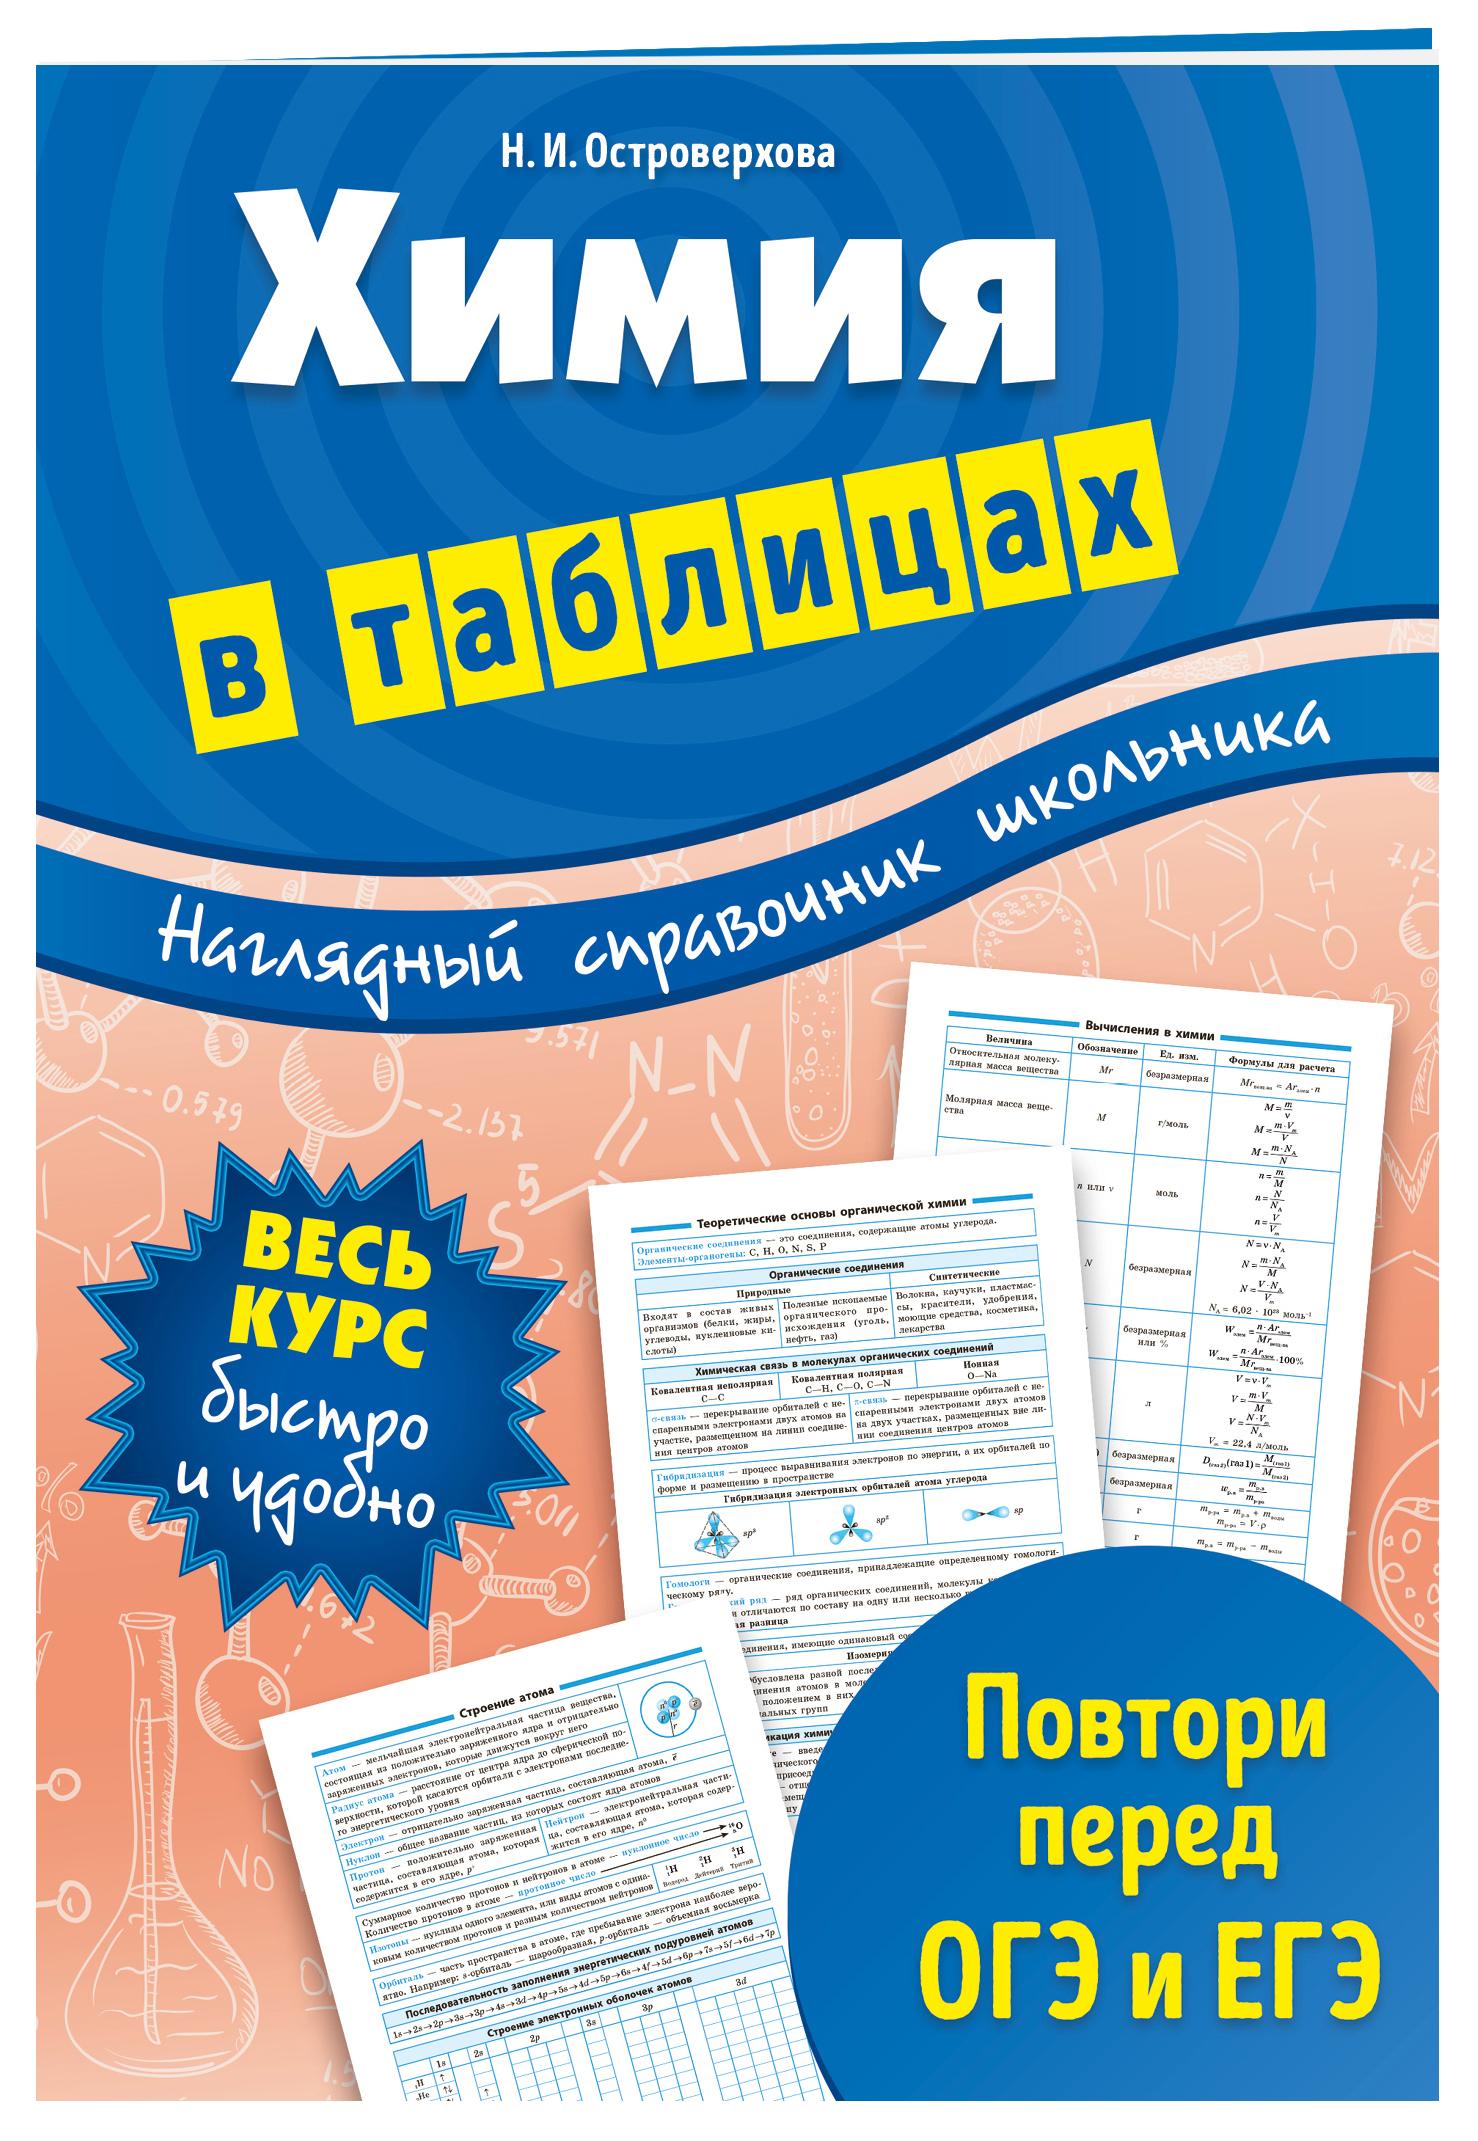 Островерхова Н.И. Химия в таблицах ISBN: 978-5-699-96242-6